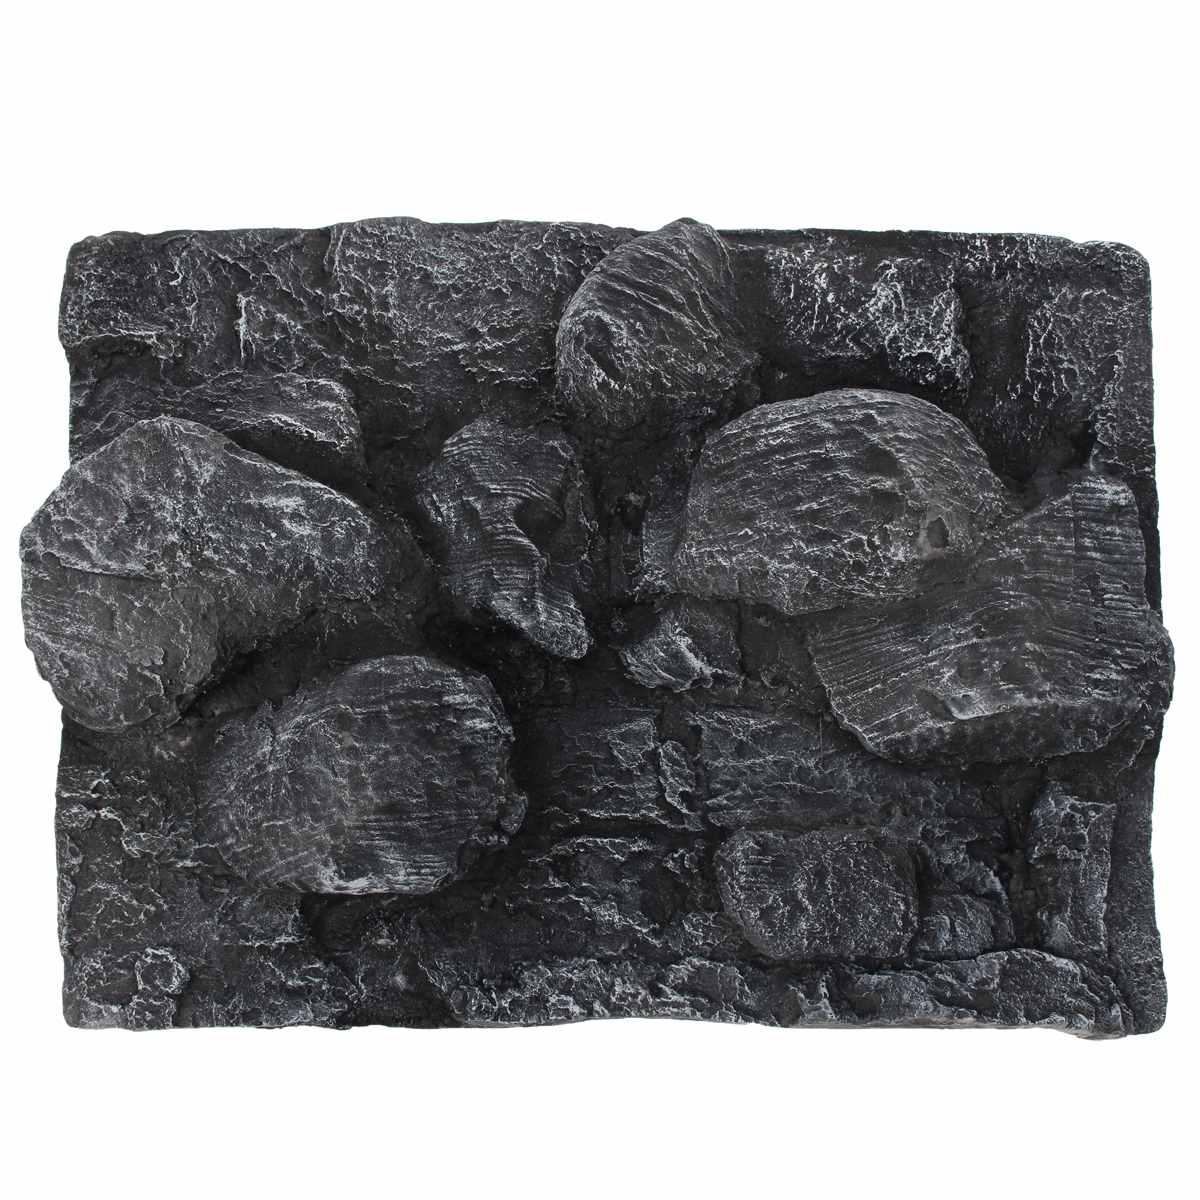 60X45X13 cm Reptiles grand 3D pierre roche Aquarium fond PU conseil poisson réservoir toile de fond planche plaque aquatique mur décorations